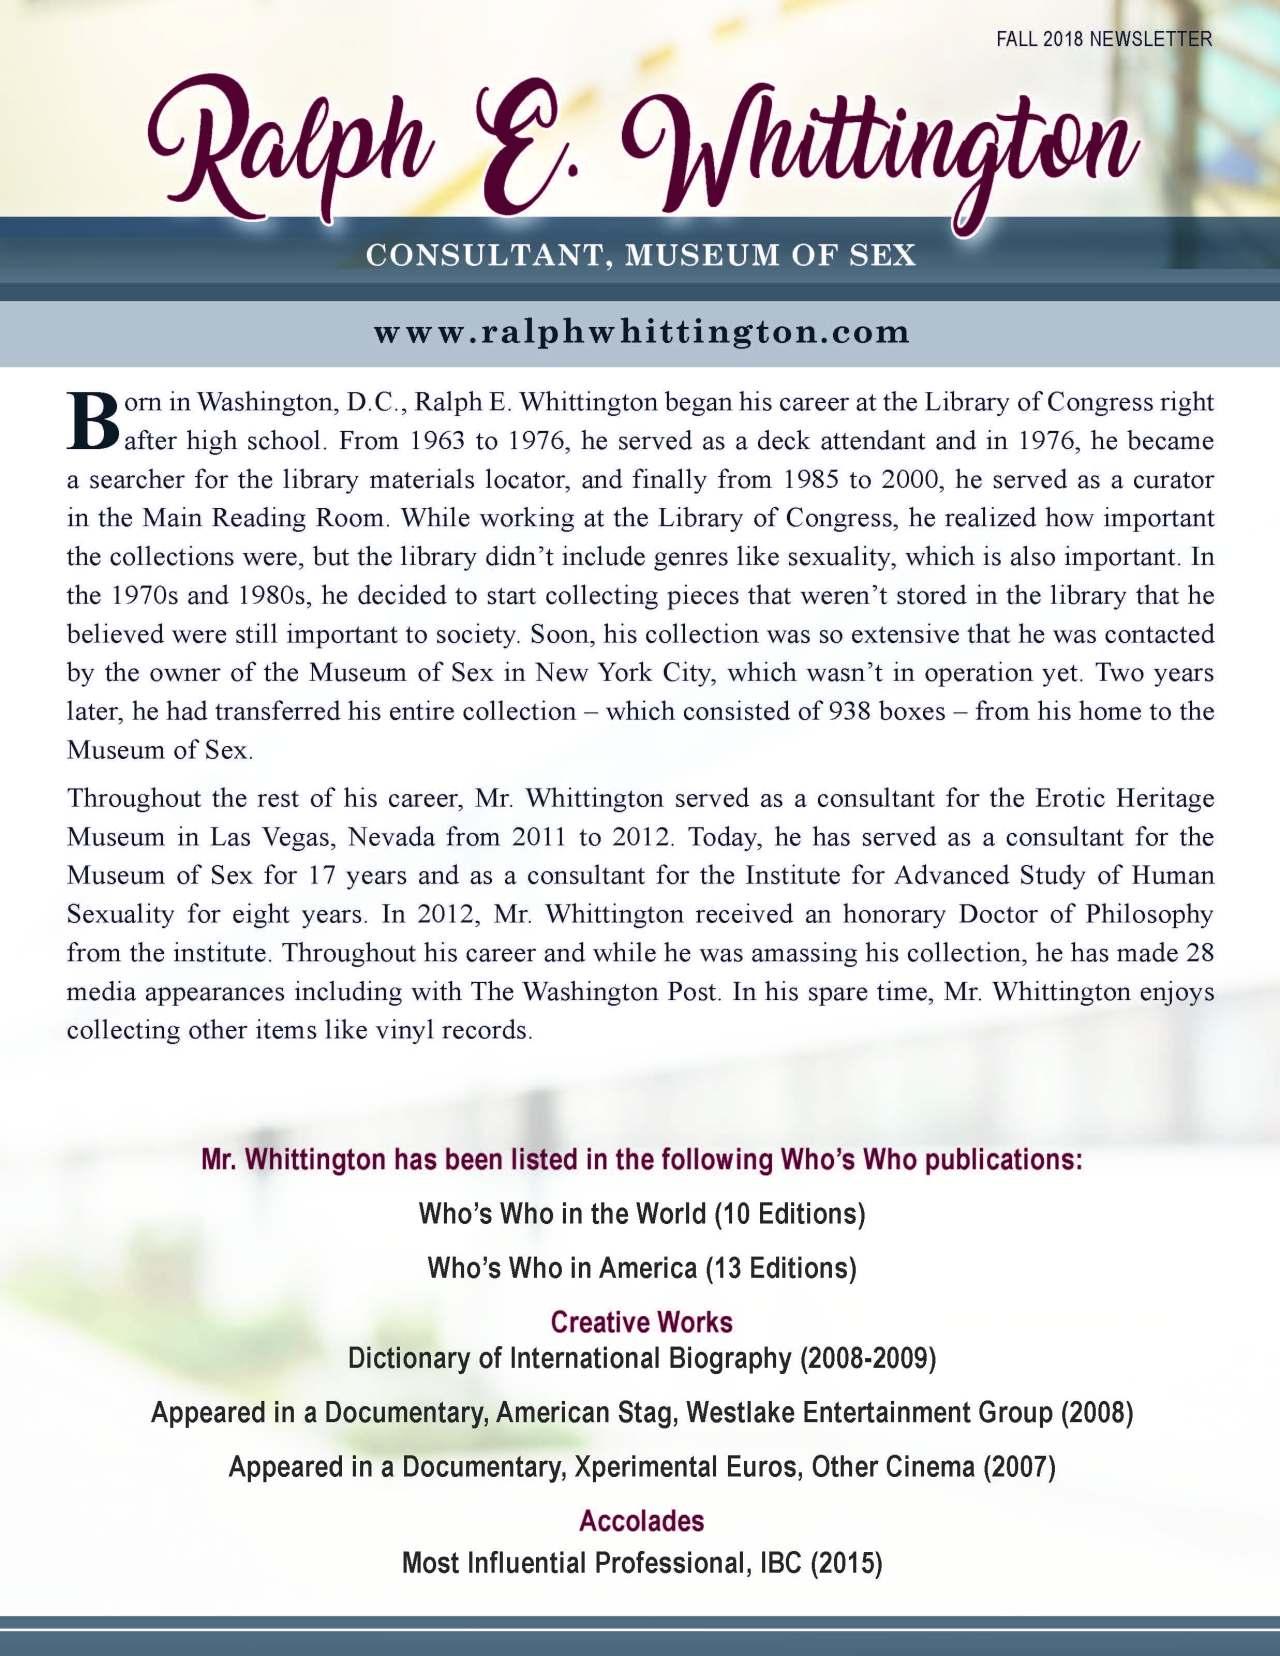 Whittington, Ralph 2153860_30505224 Newsletter.jpg